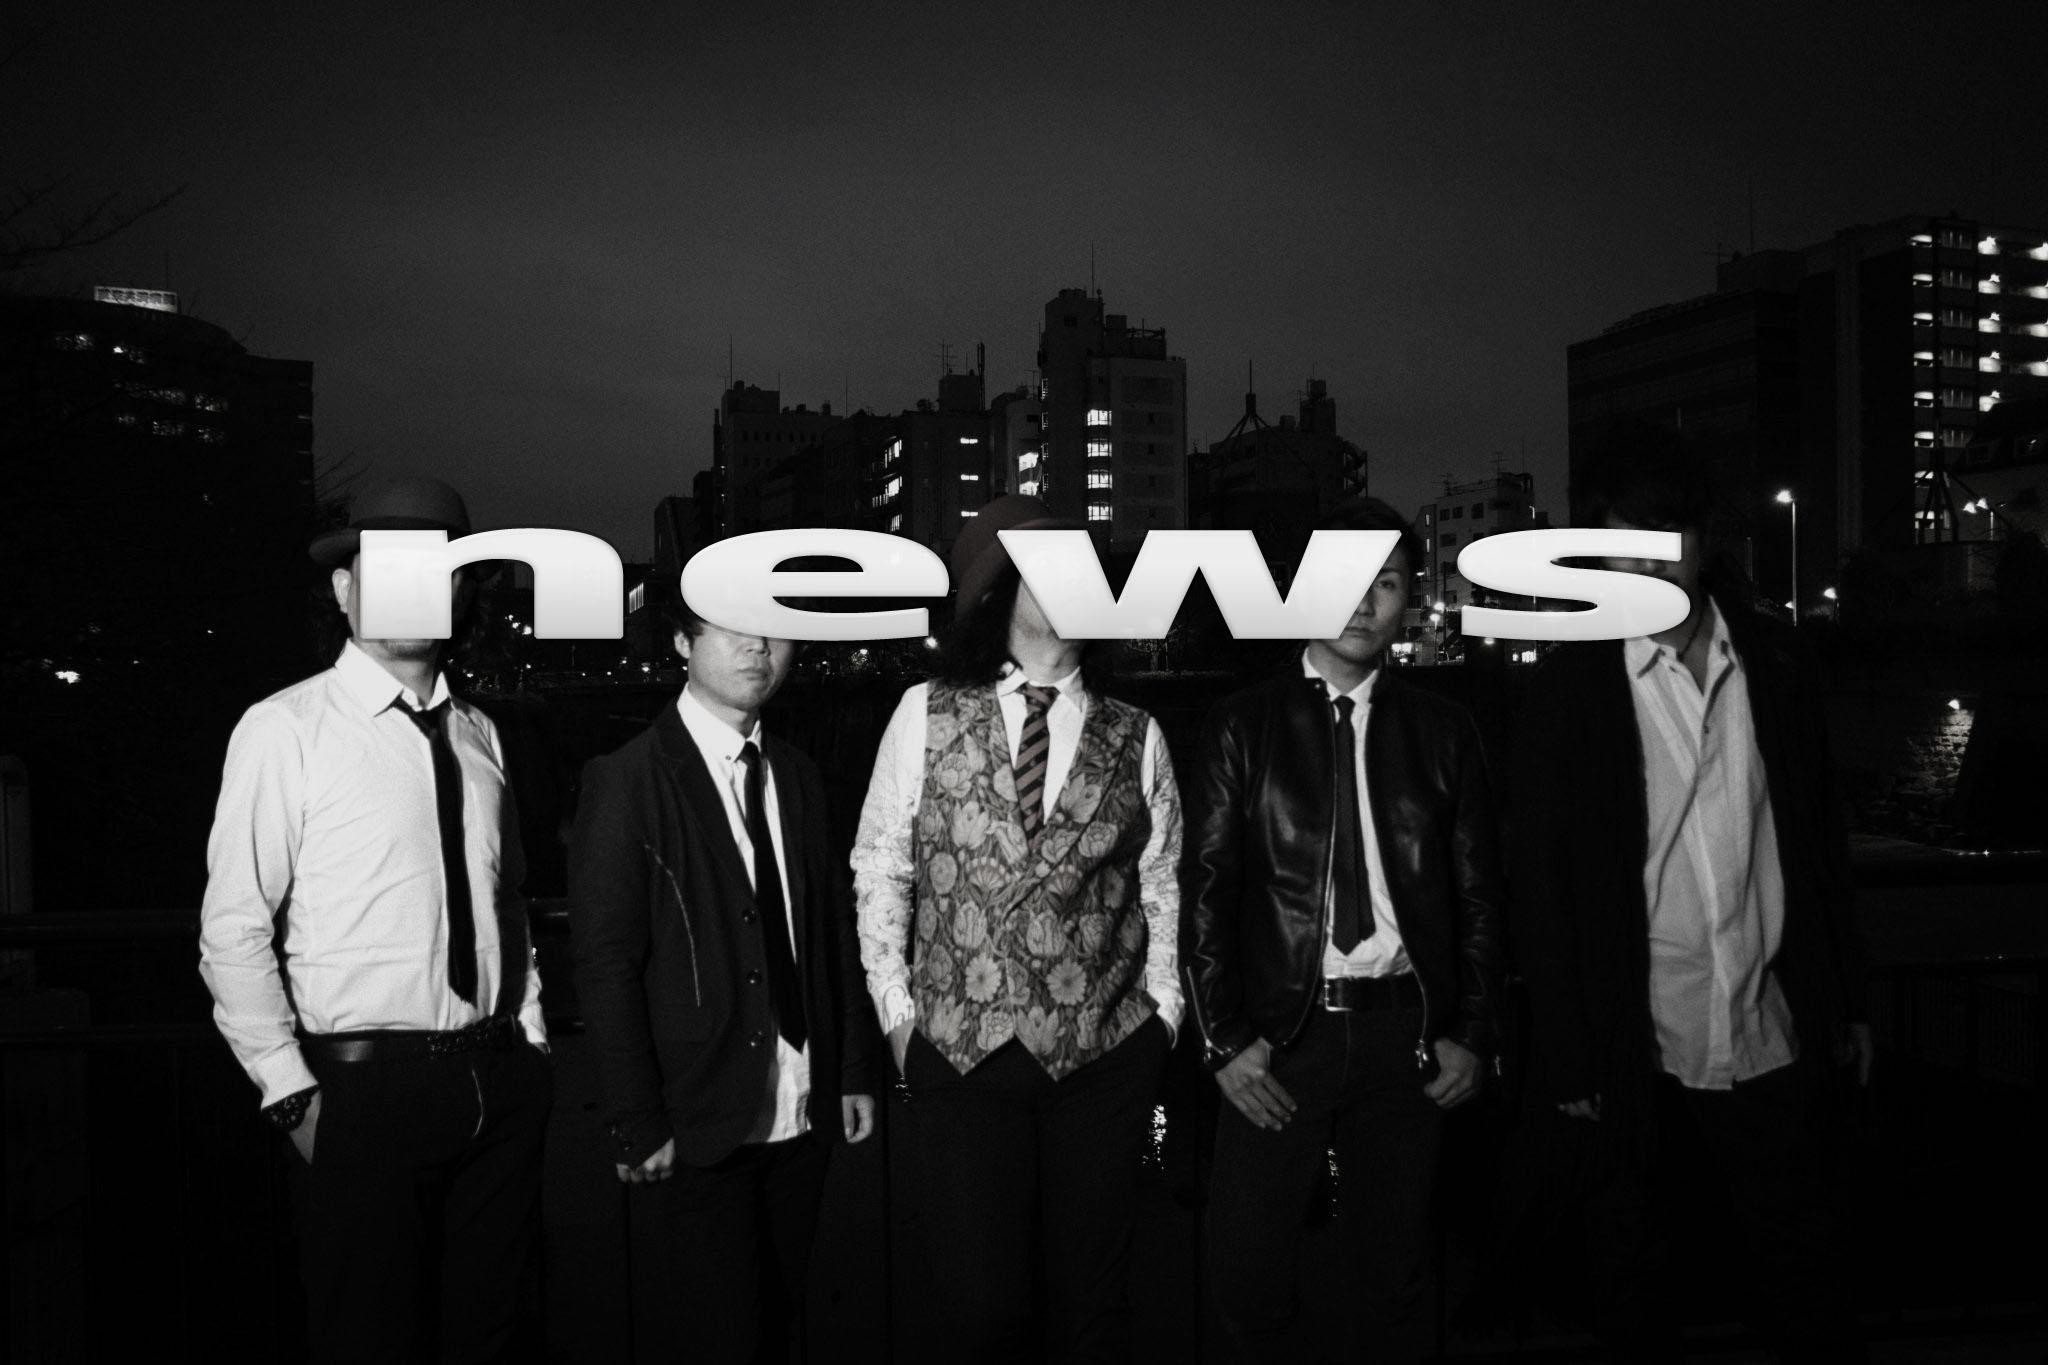 G.News